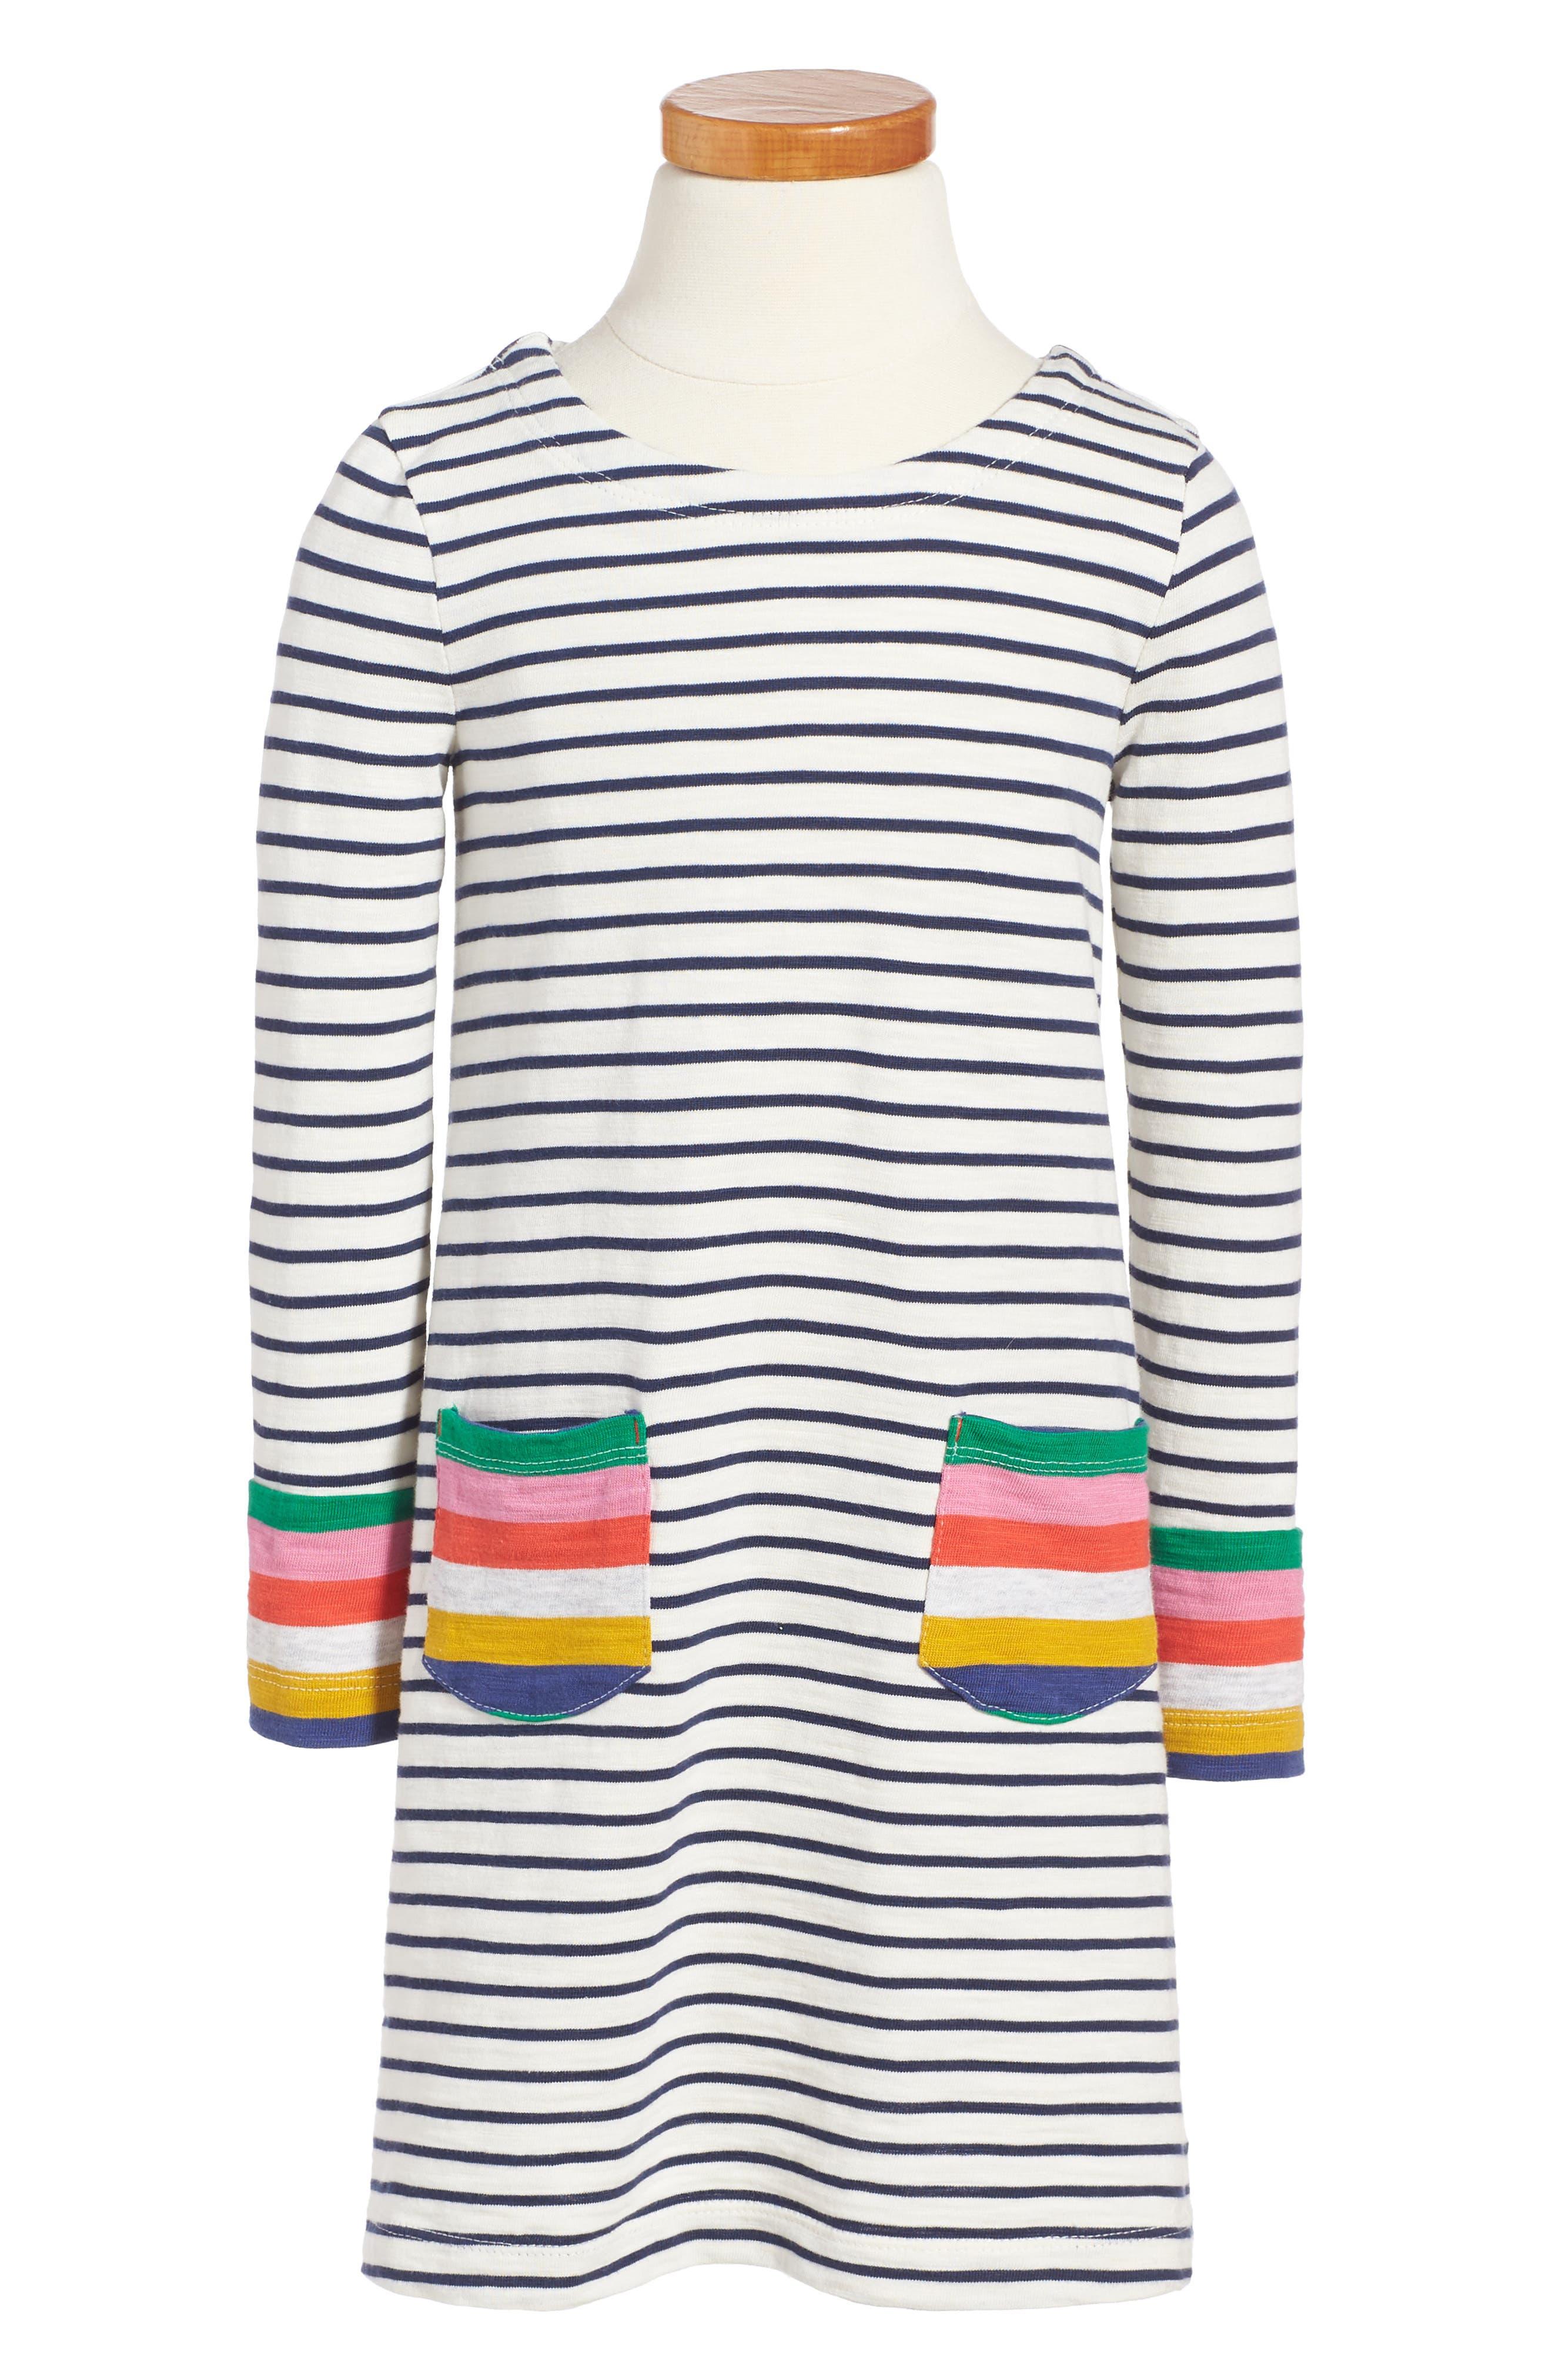 Stripy Jersey Dress,                         Main,                         color, Navy Multi Stripe